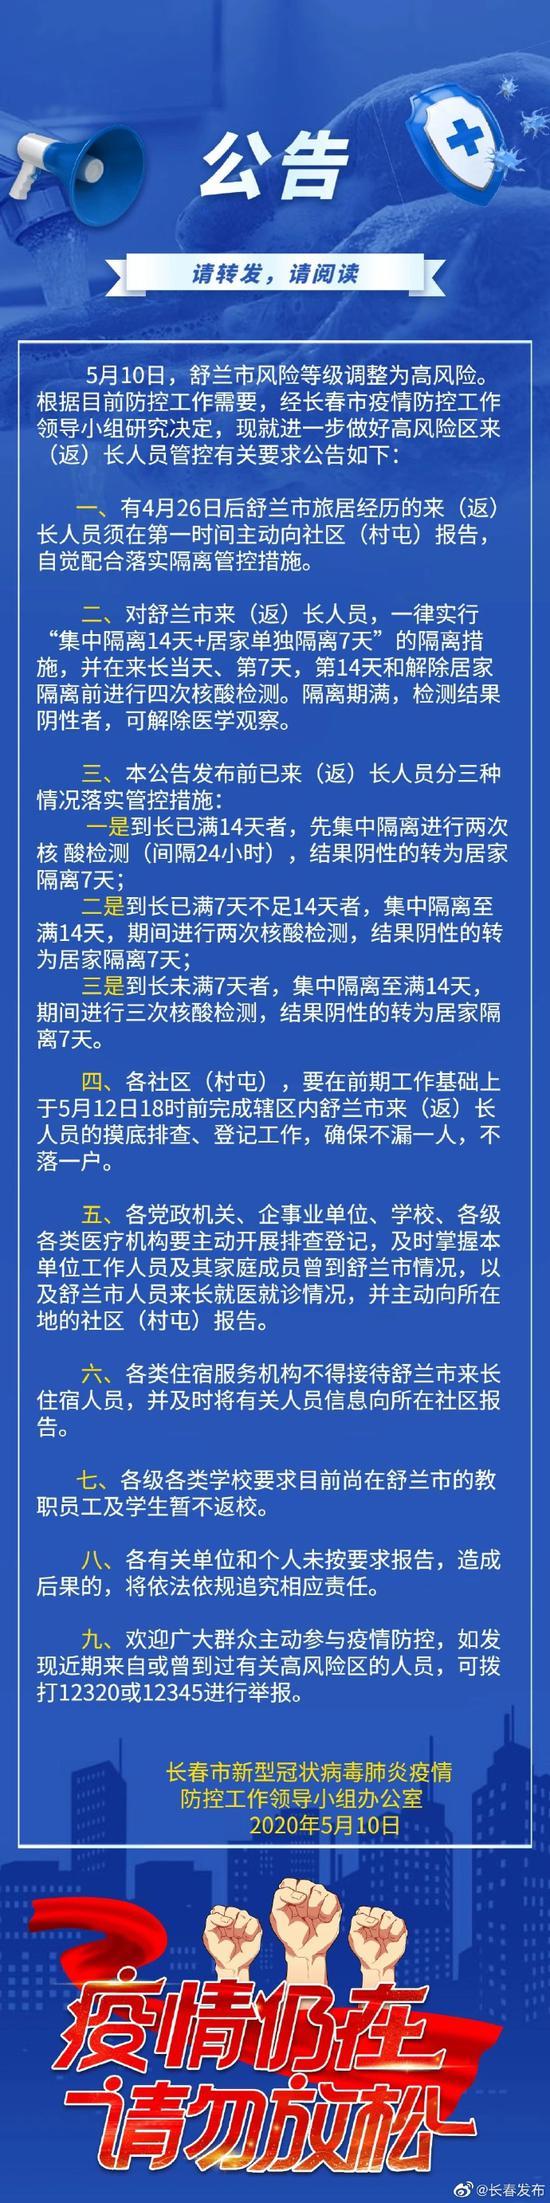 【天富】发布舒天富兰来返长人员管控公图片